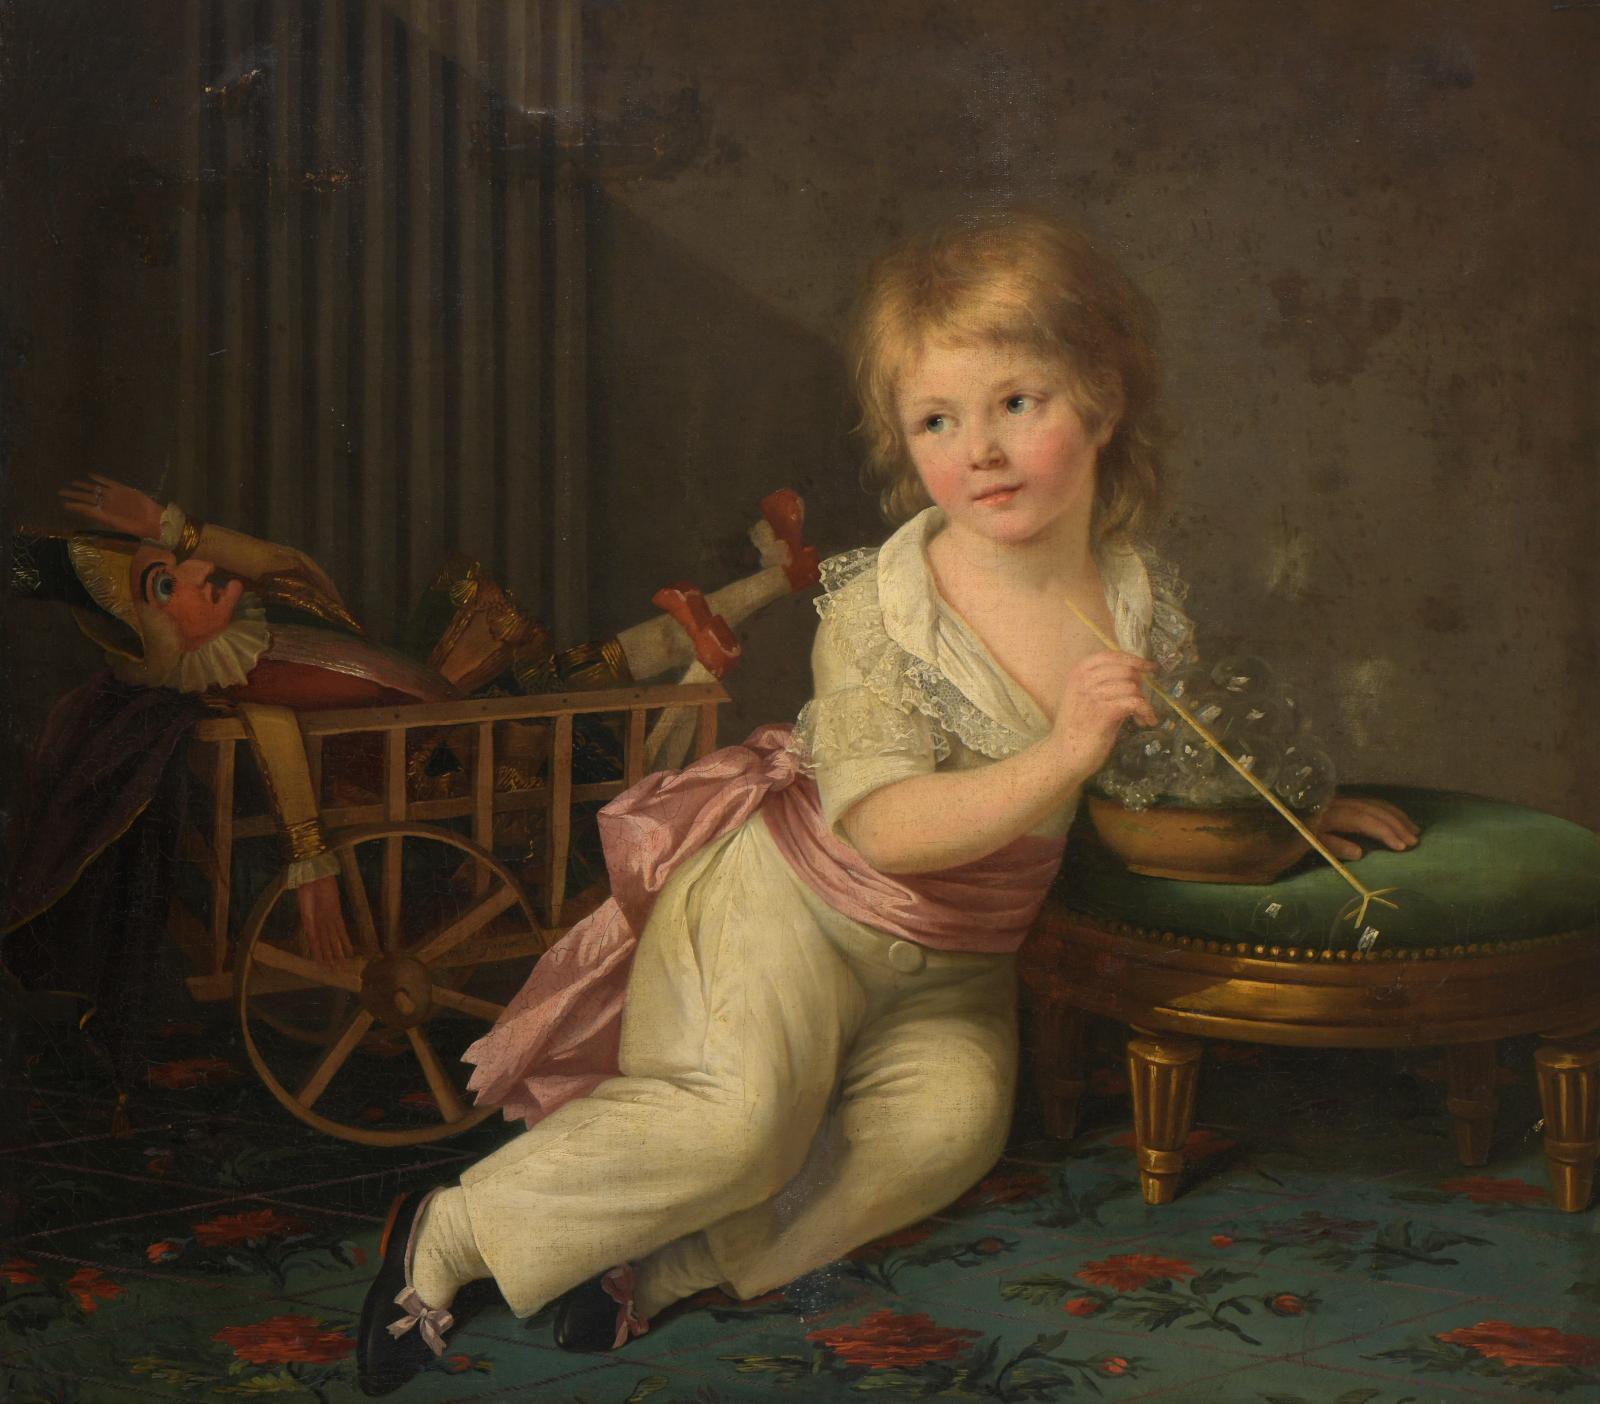 Portrait de petit garçon avec une charrette de jeux, jouant à faire des bulles, huile sur toile rentoilée (détail). Estimation : 3000 / 5000€